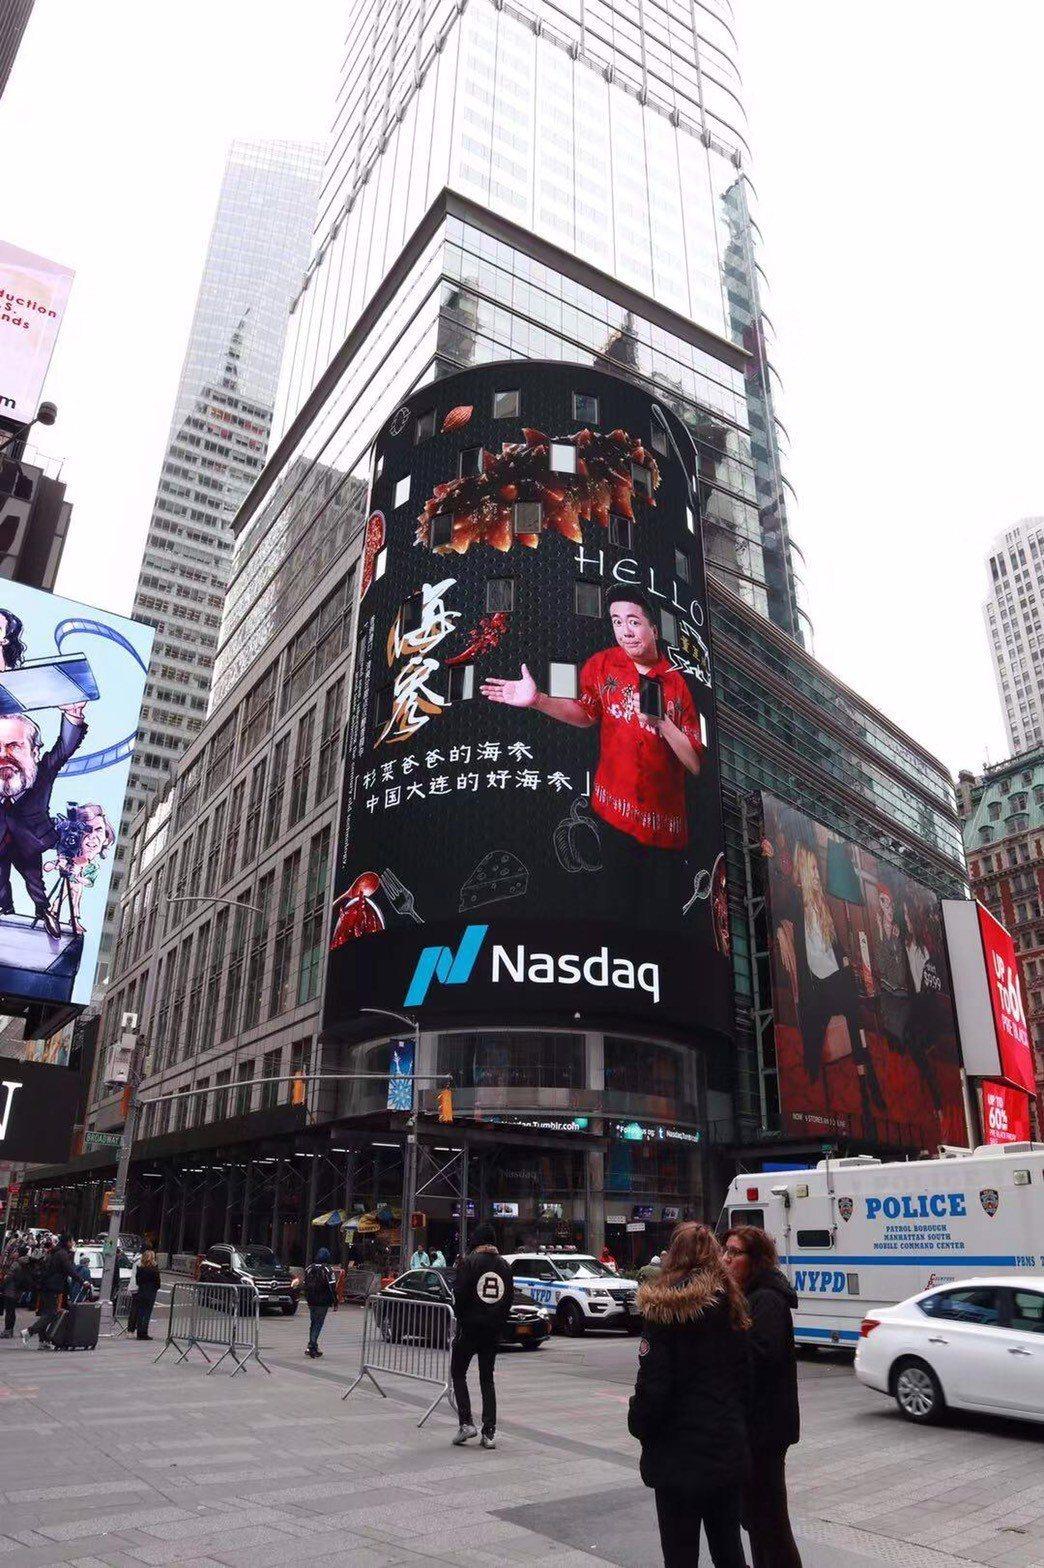 董至成以「衫菜的爸爸」賣大連遼參廣告看板登上時代廣場。圖/董至成提供